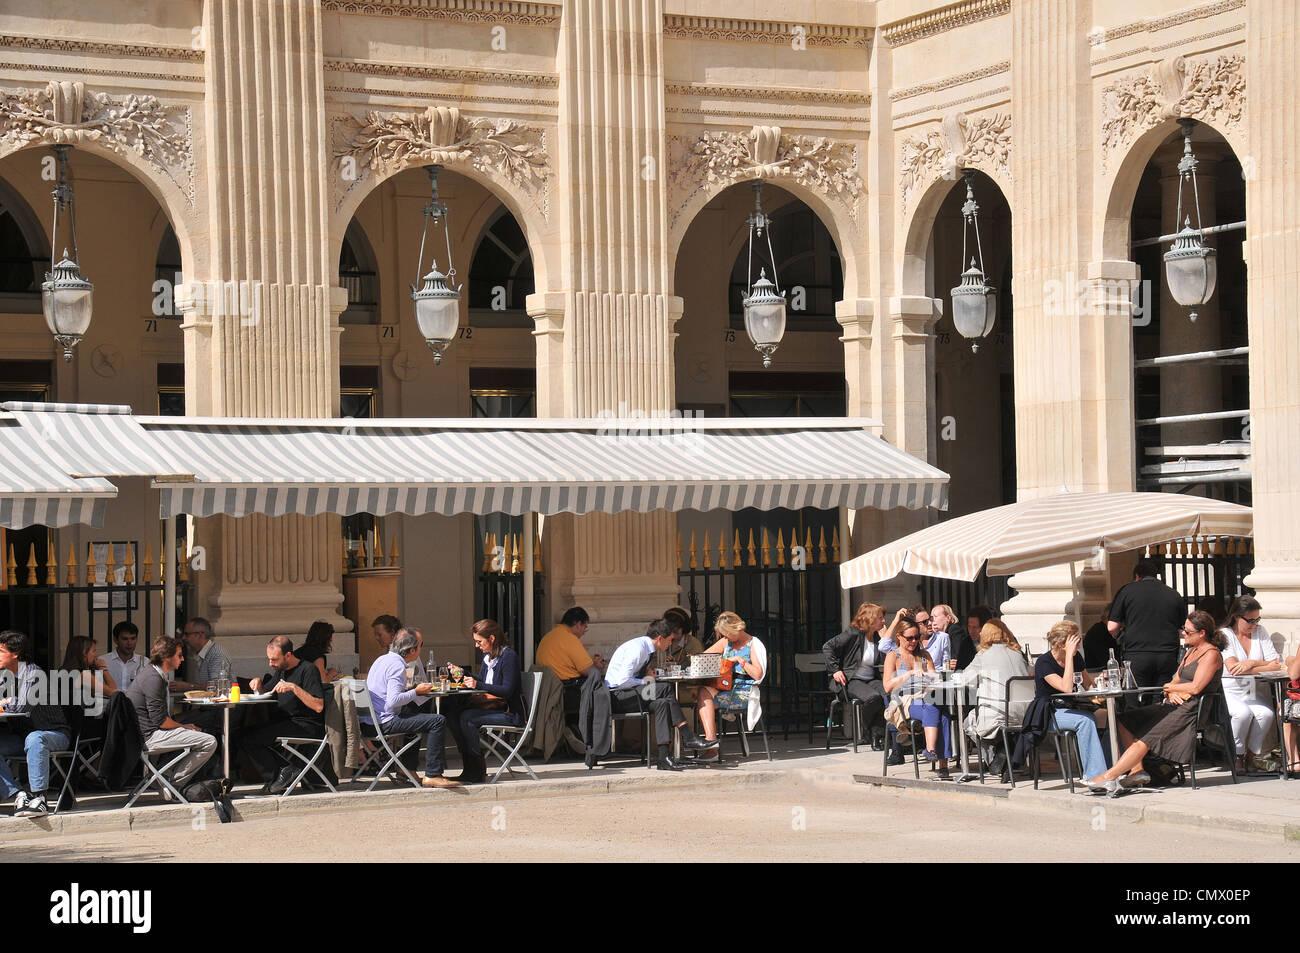 Palais Royal Paris Garden Stock Photos Palais Royal Paris Garden